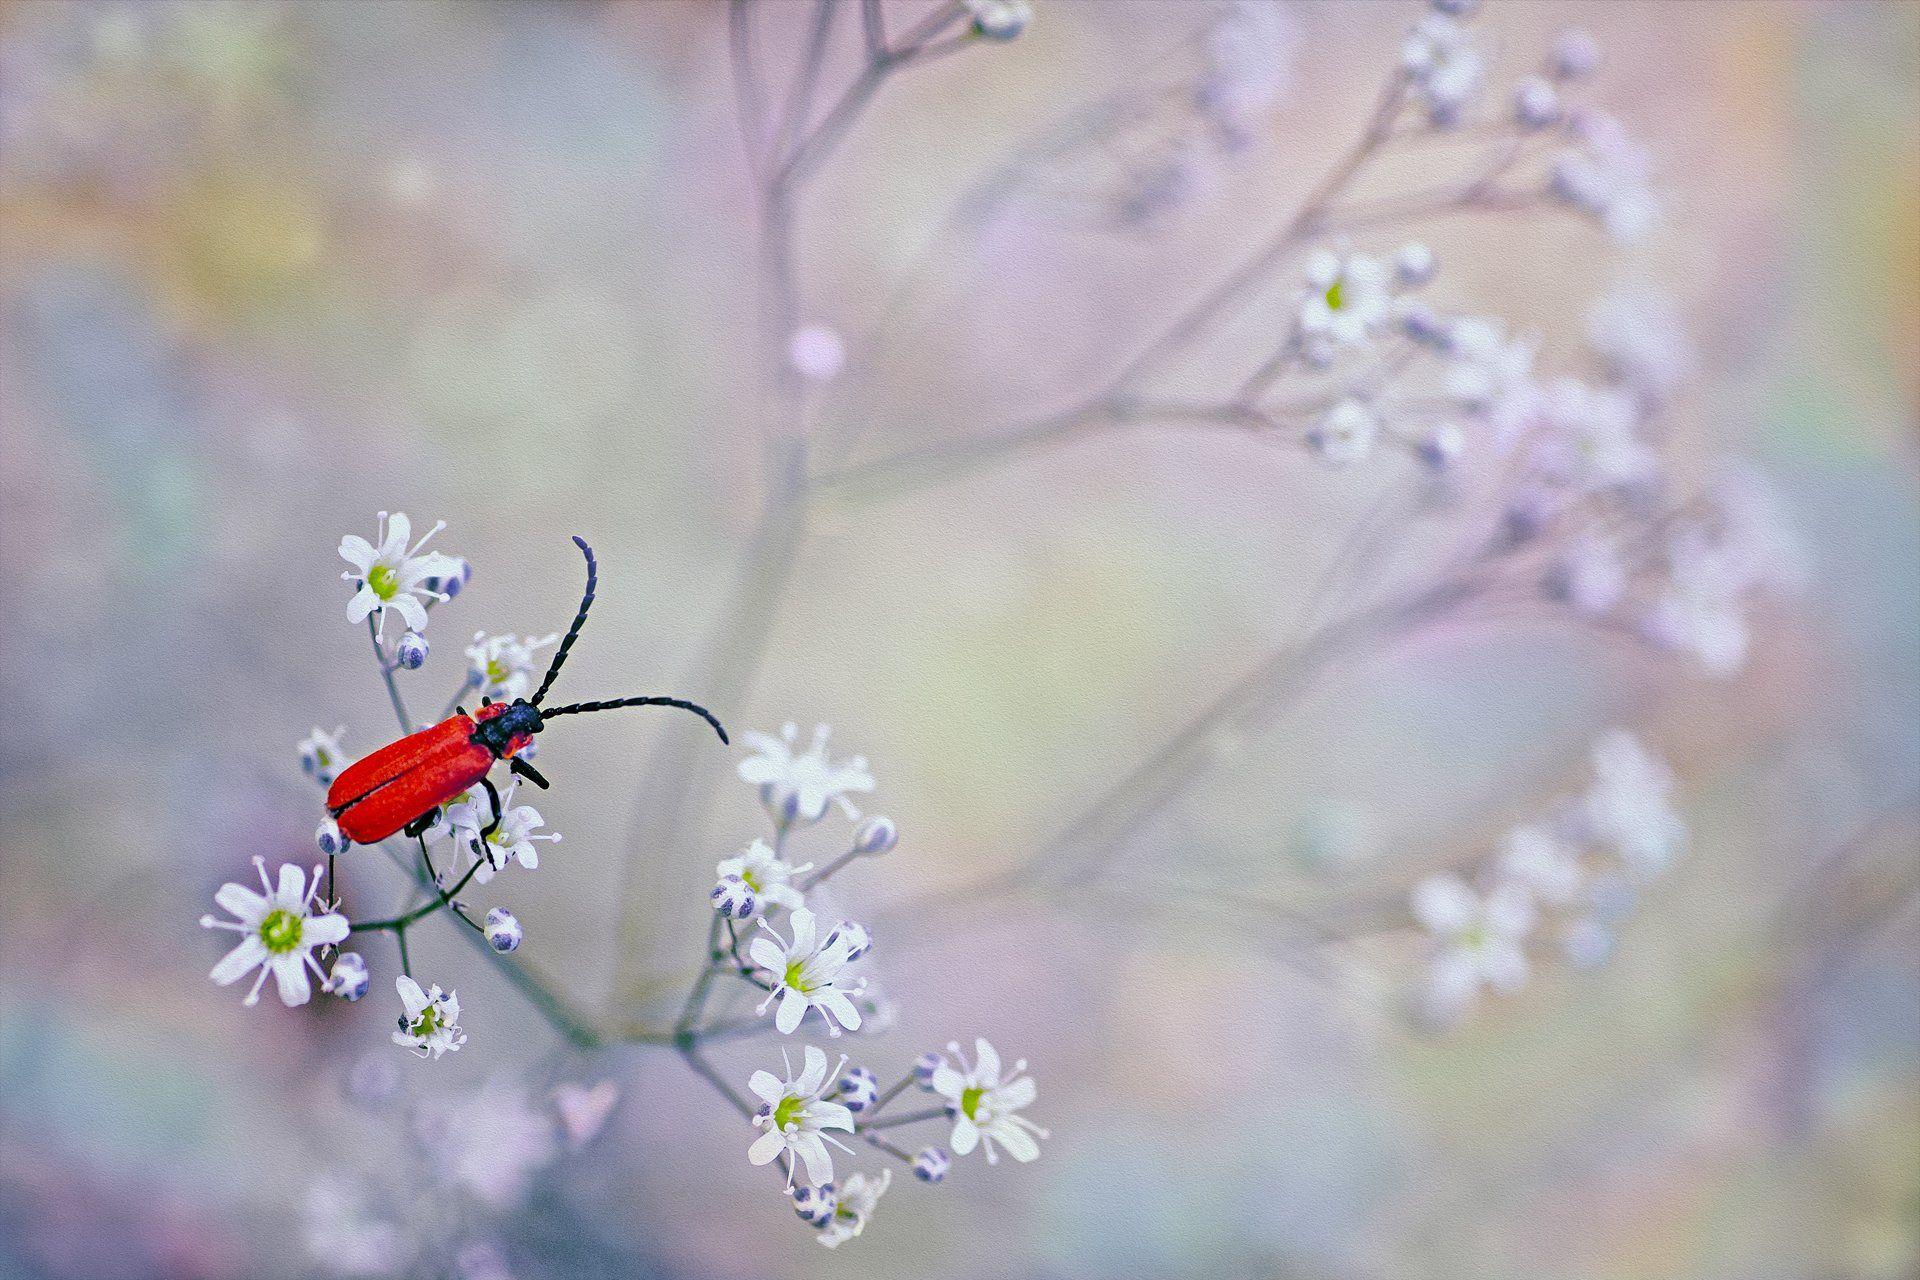 жук, кора, крылья, лапы, тень, черный, красный,цветы,свет,листья, Котов Юрий